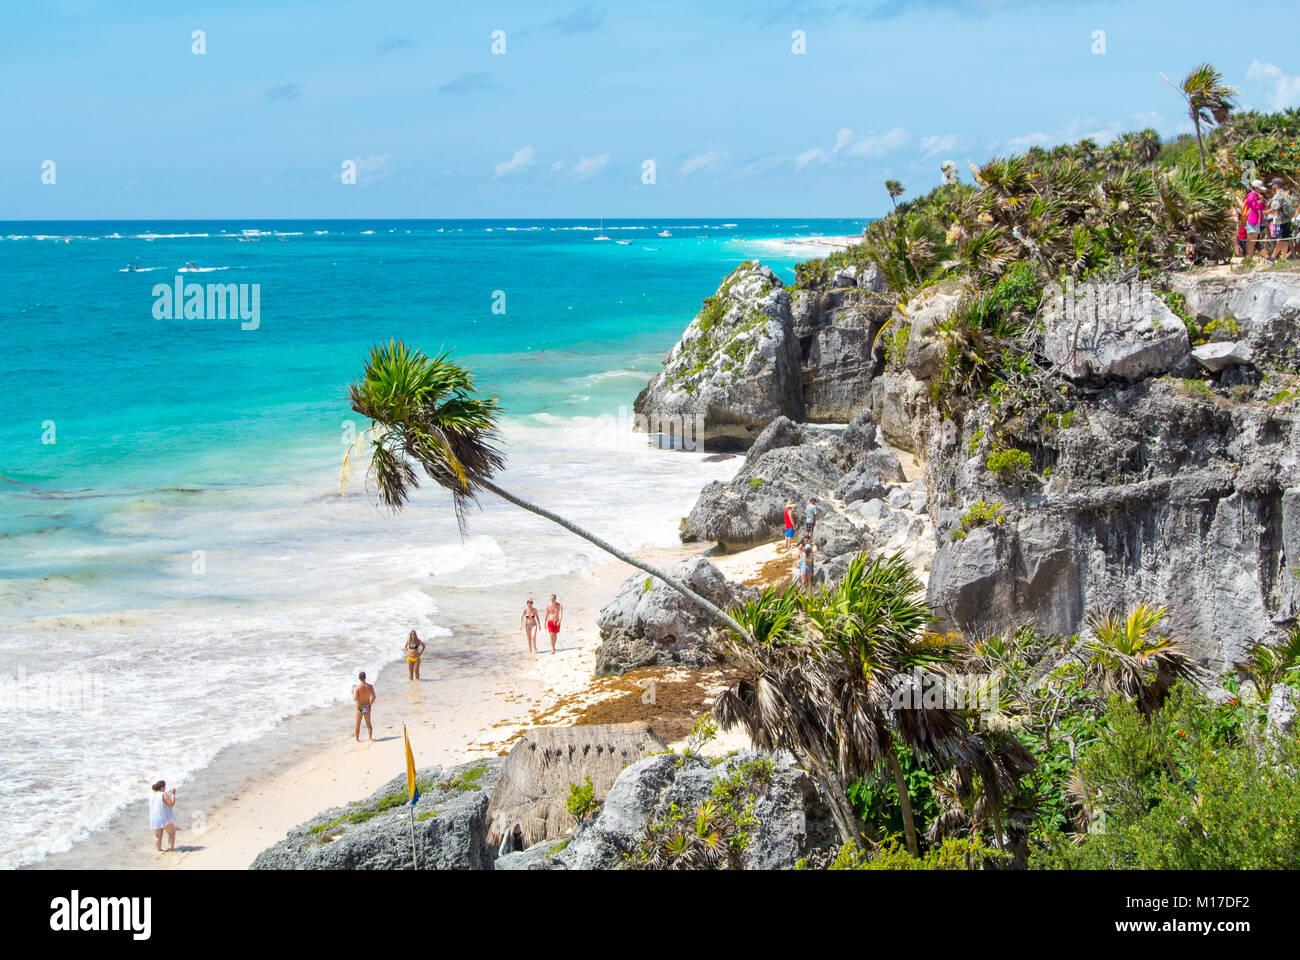 Tulum ruinas Yucatan Peninsula Mexico - Stock Image